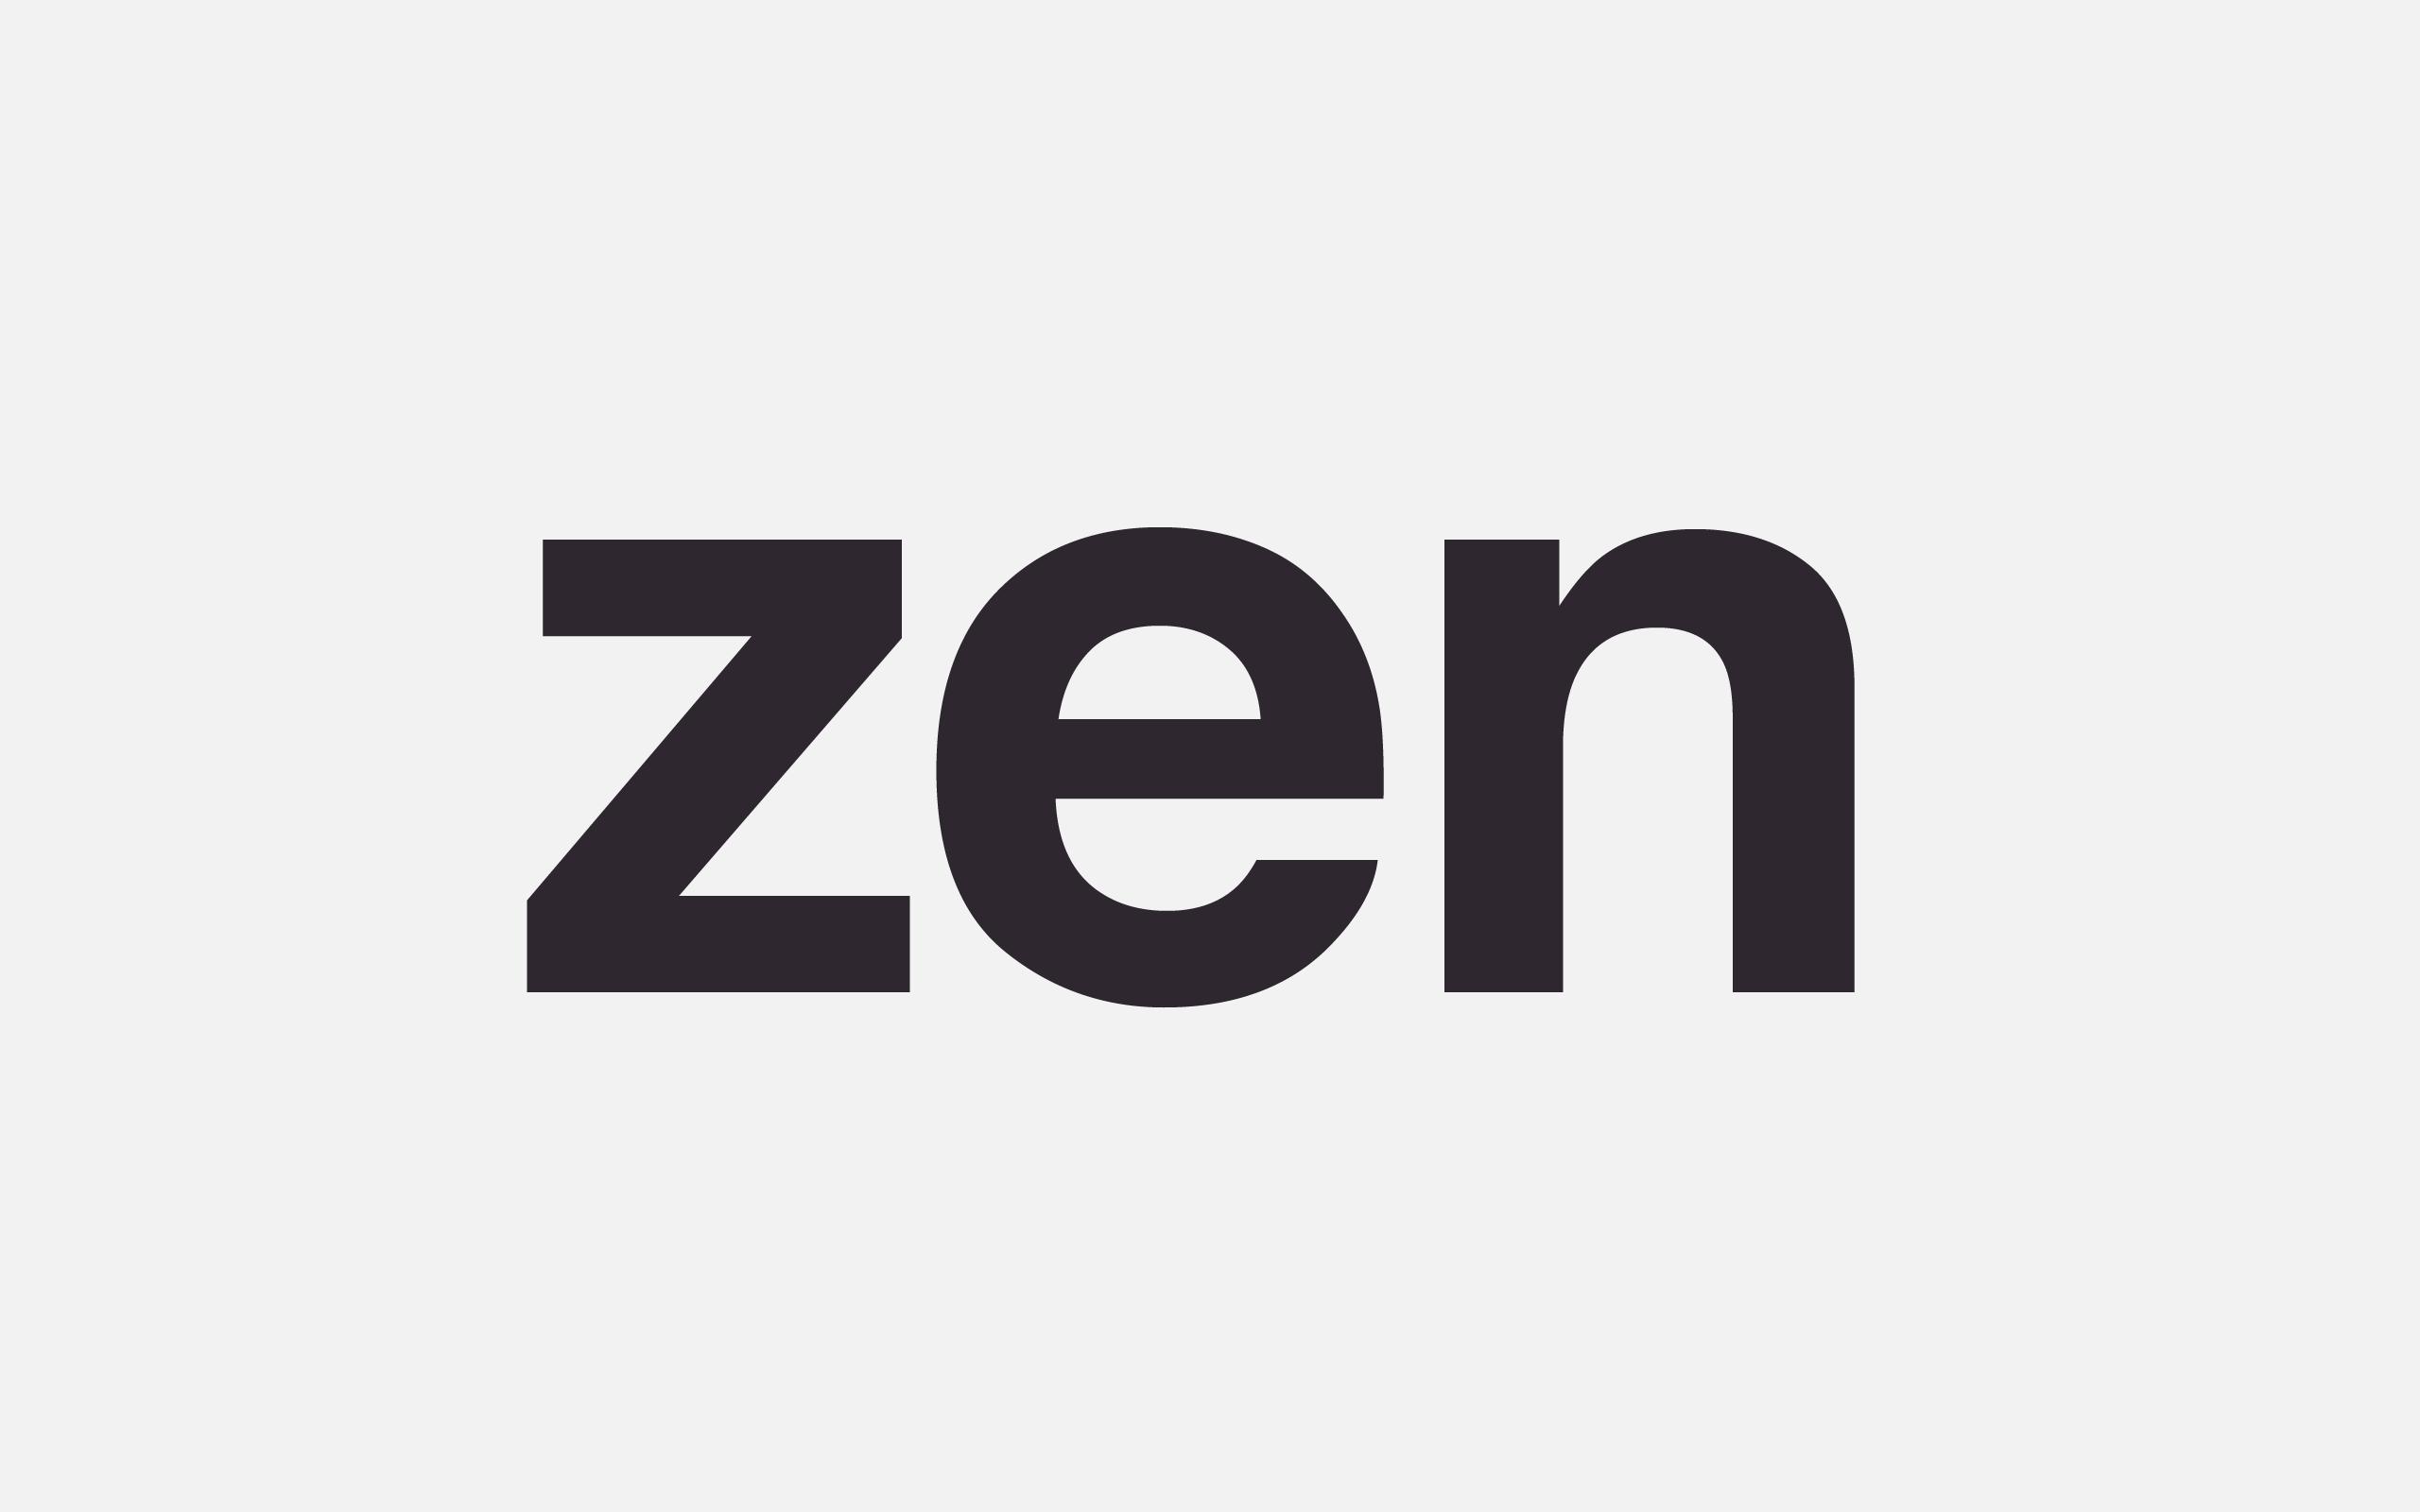 Zen - 2560x1600